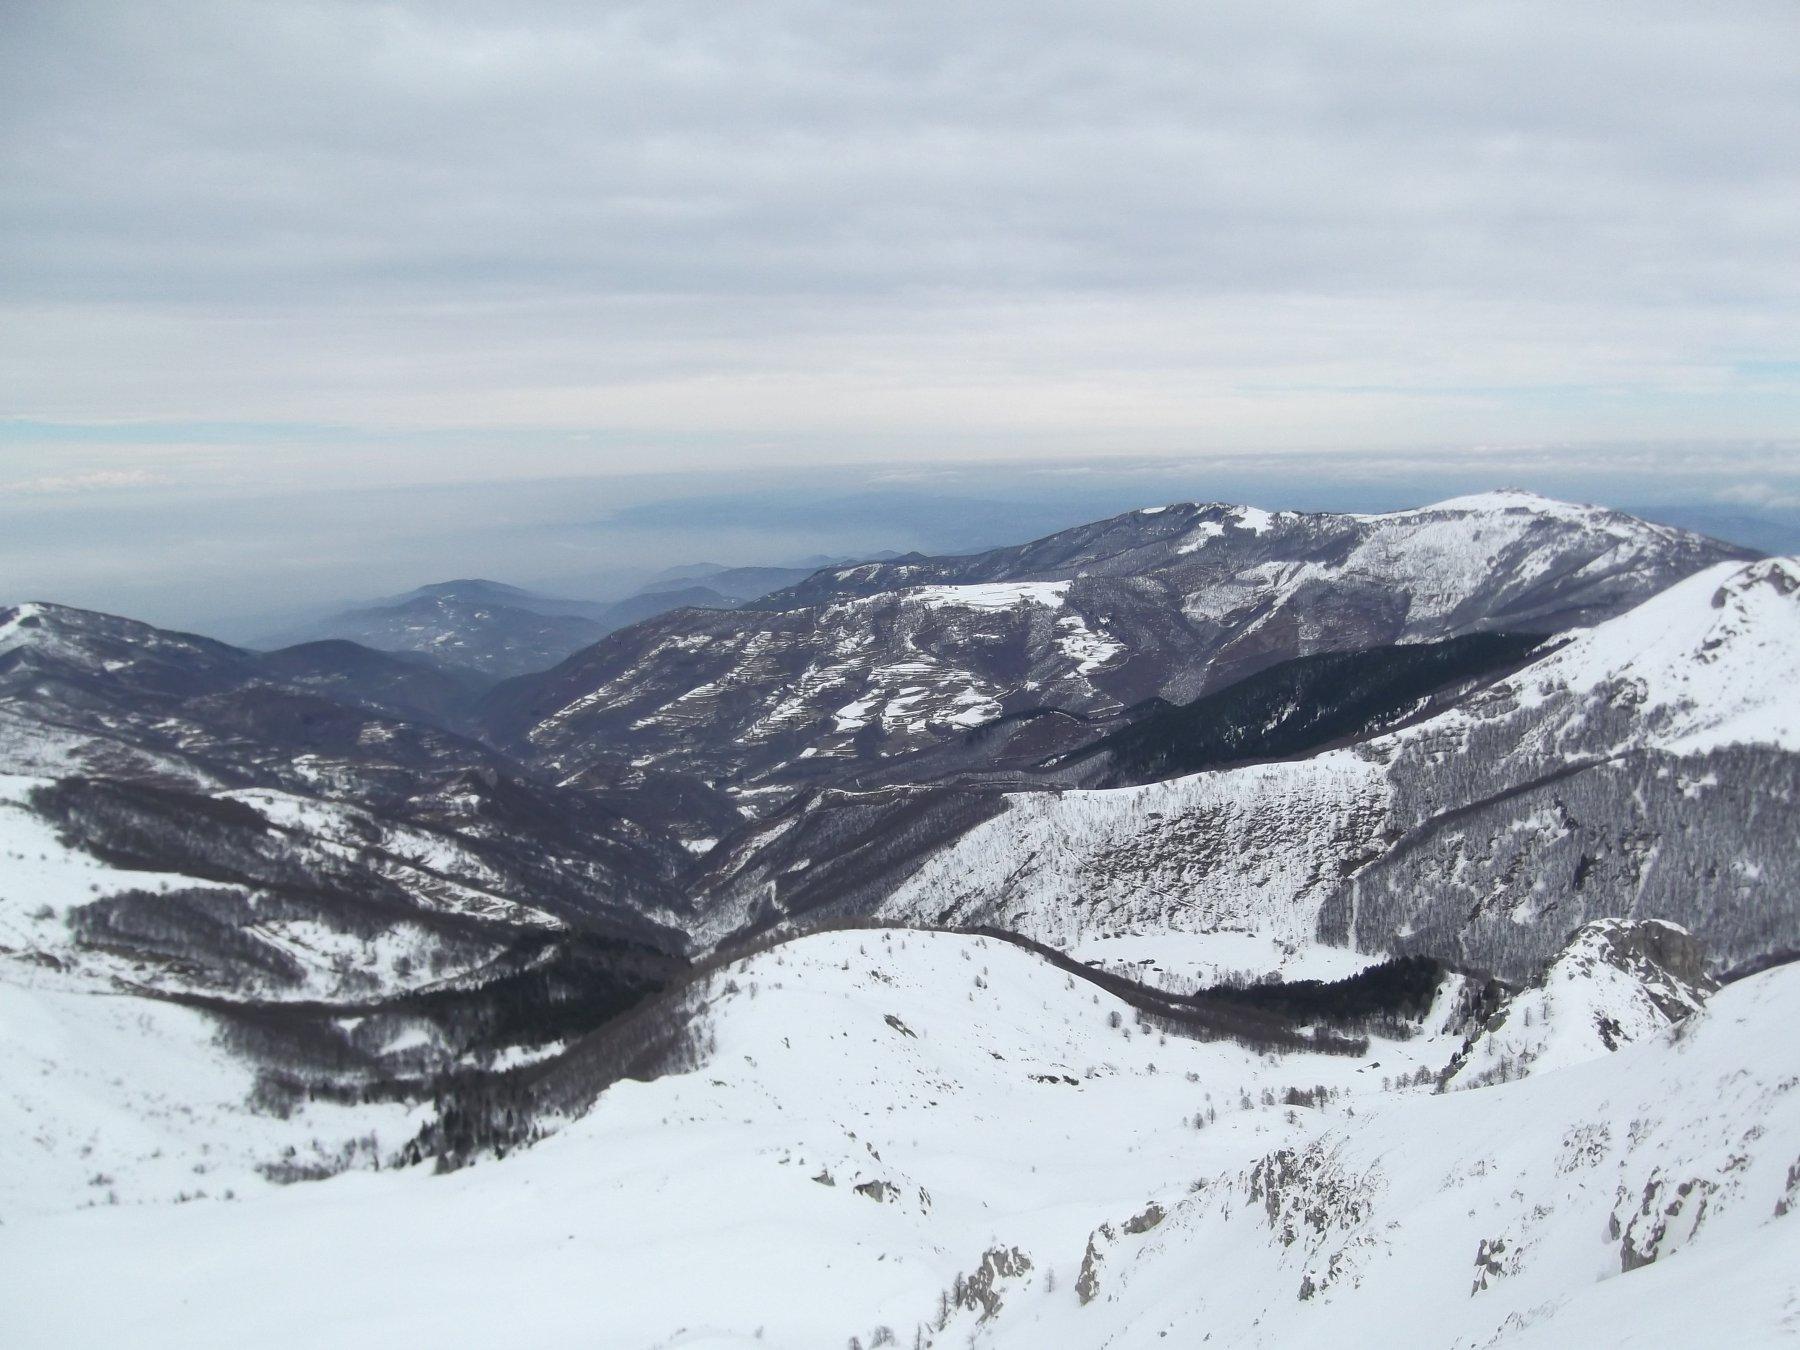 Il vallone di Valcasotto dalla vetta.